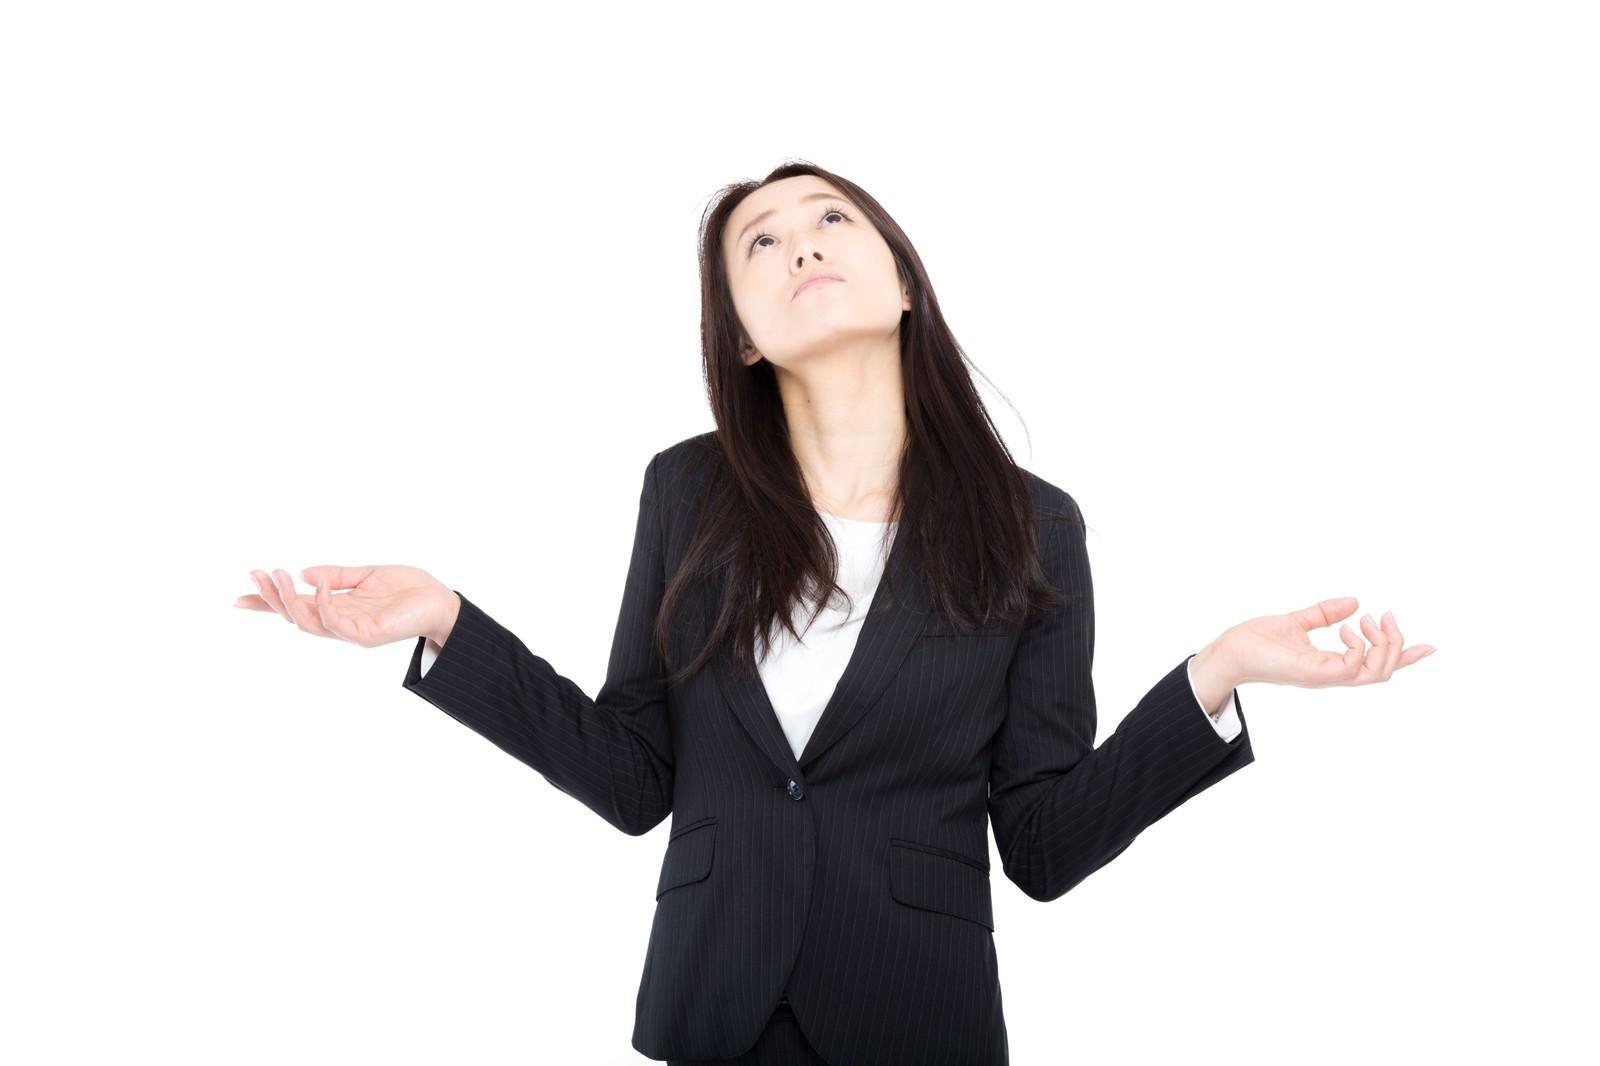 社労士試験は4月から勉強を開始して間に合うのか?